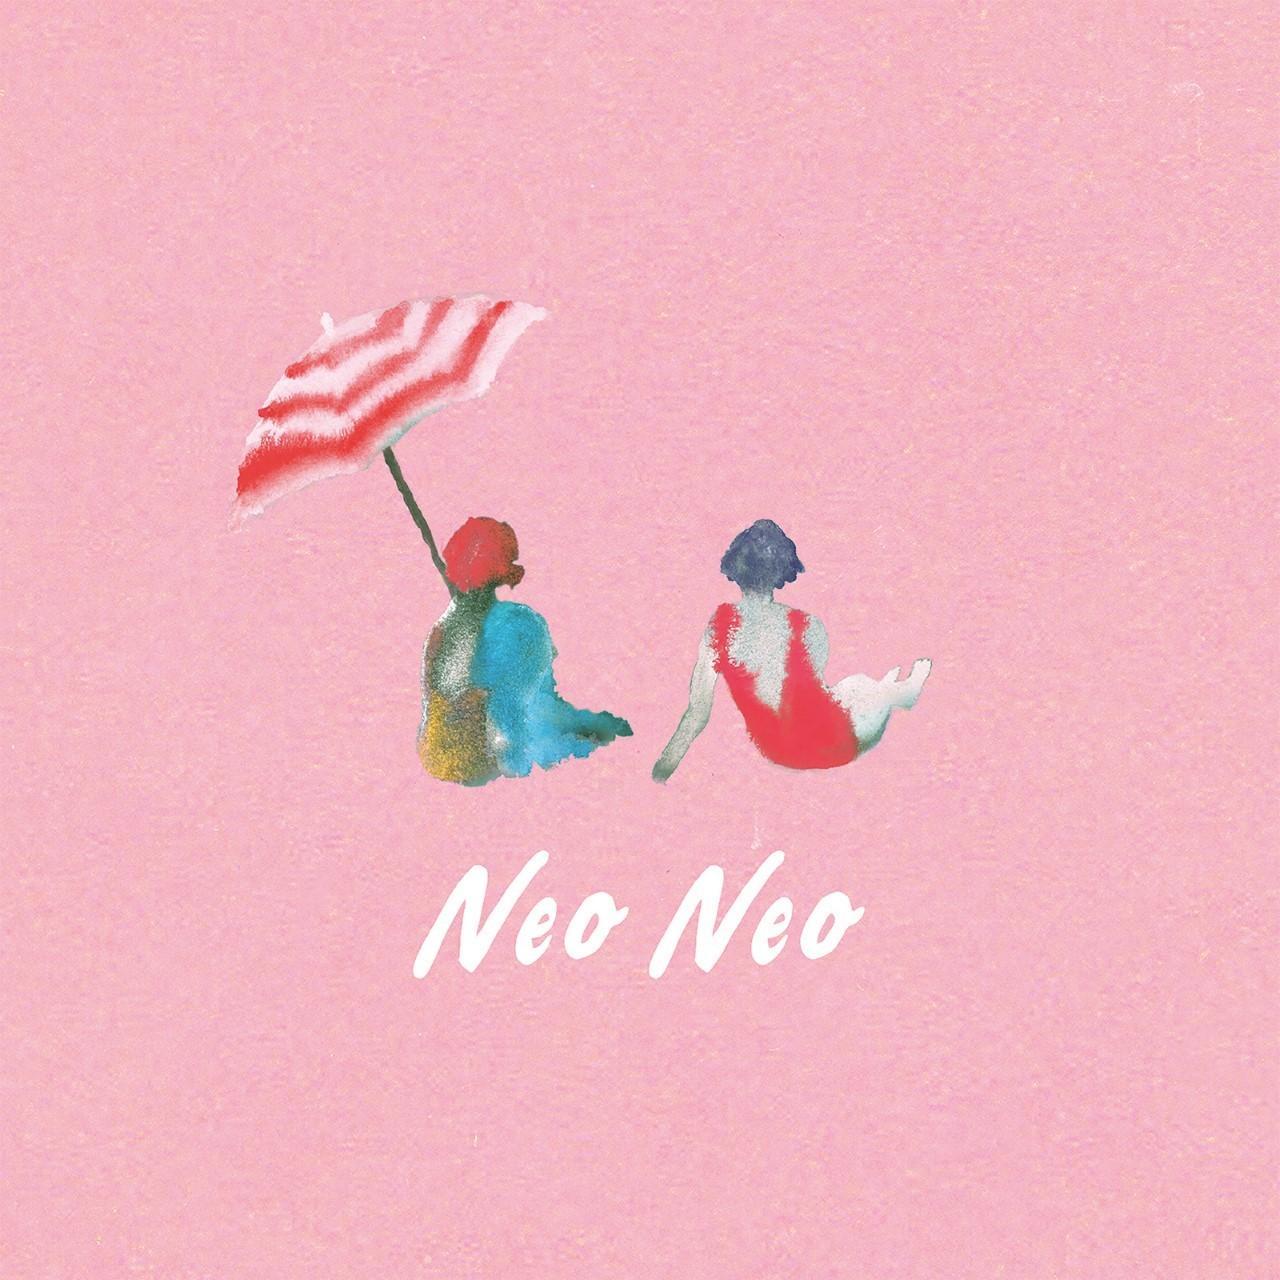 『neo neo』